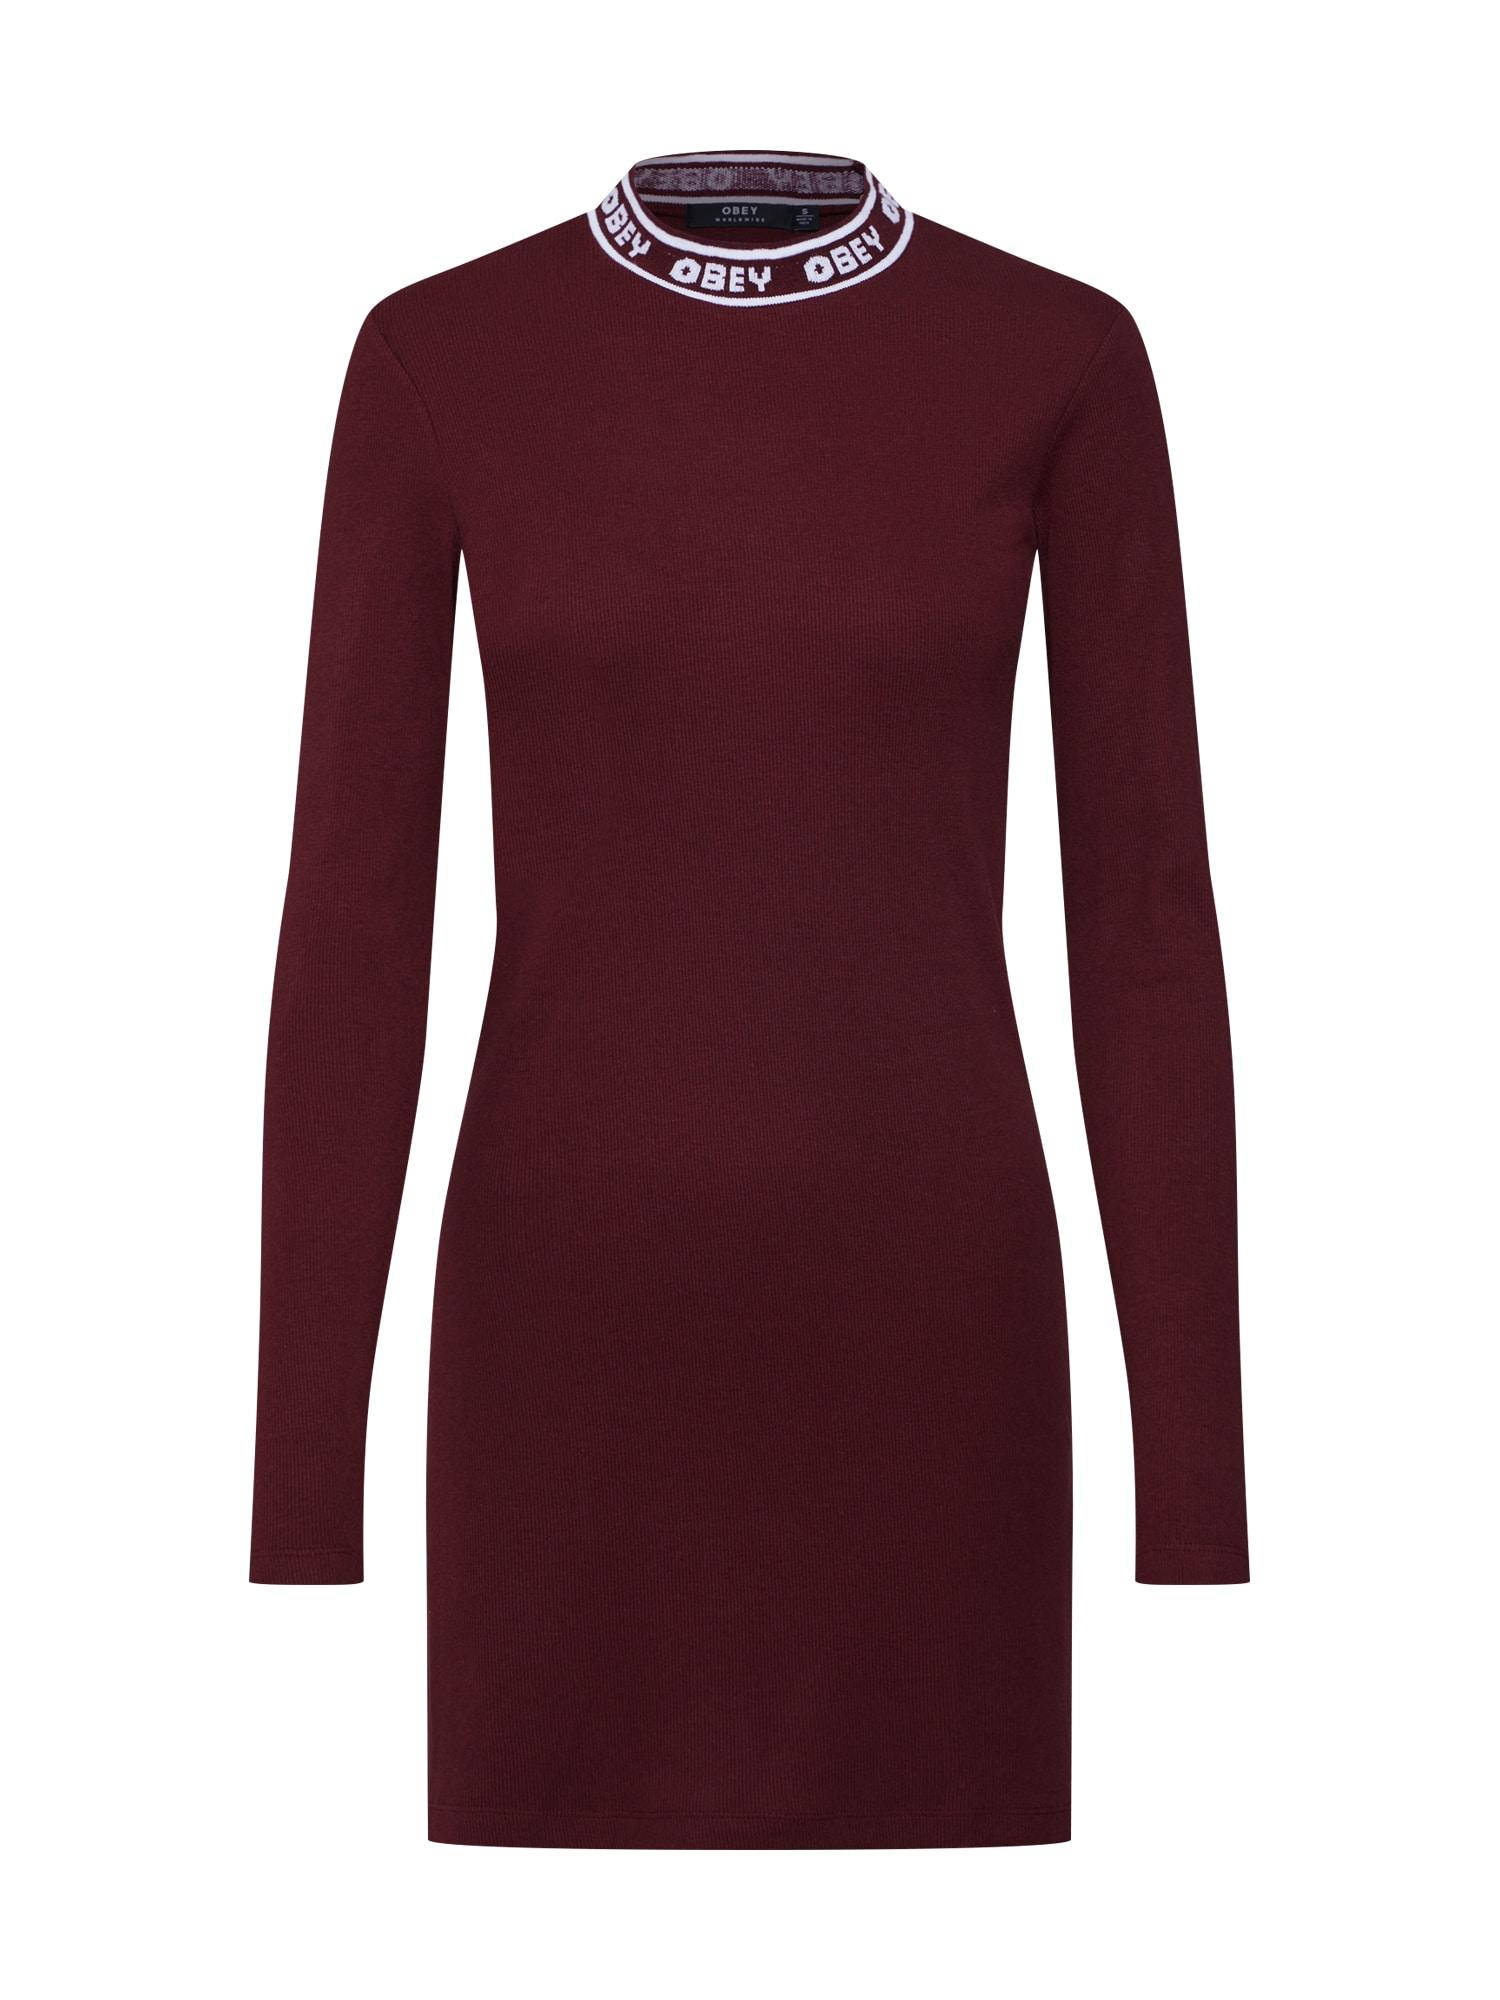 Šaty STANTON DRESS vínově červená bílý melír Obey